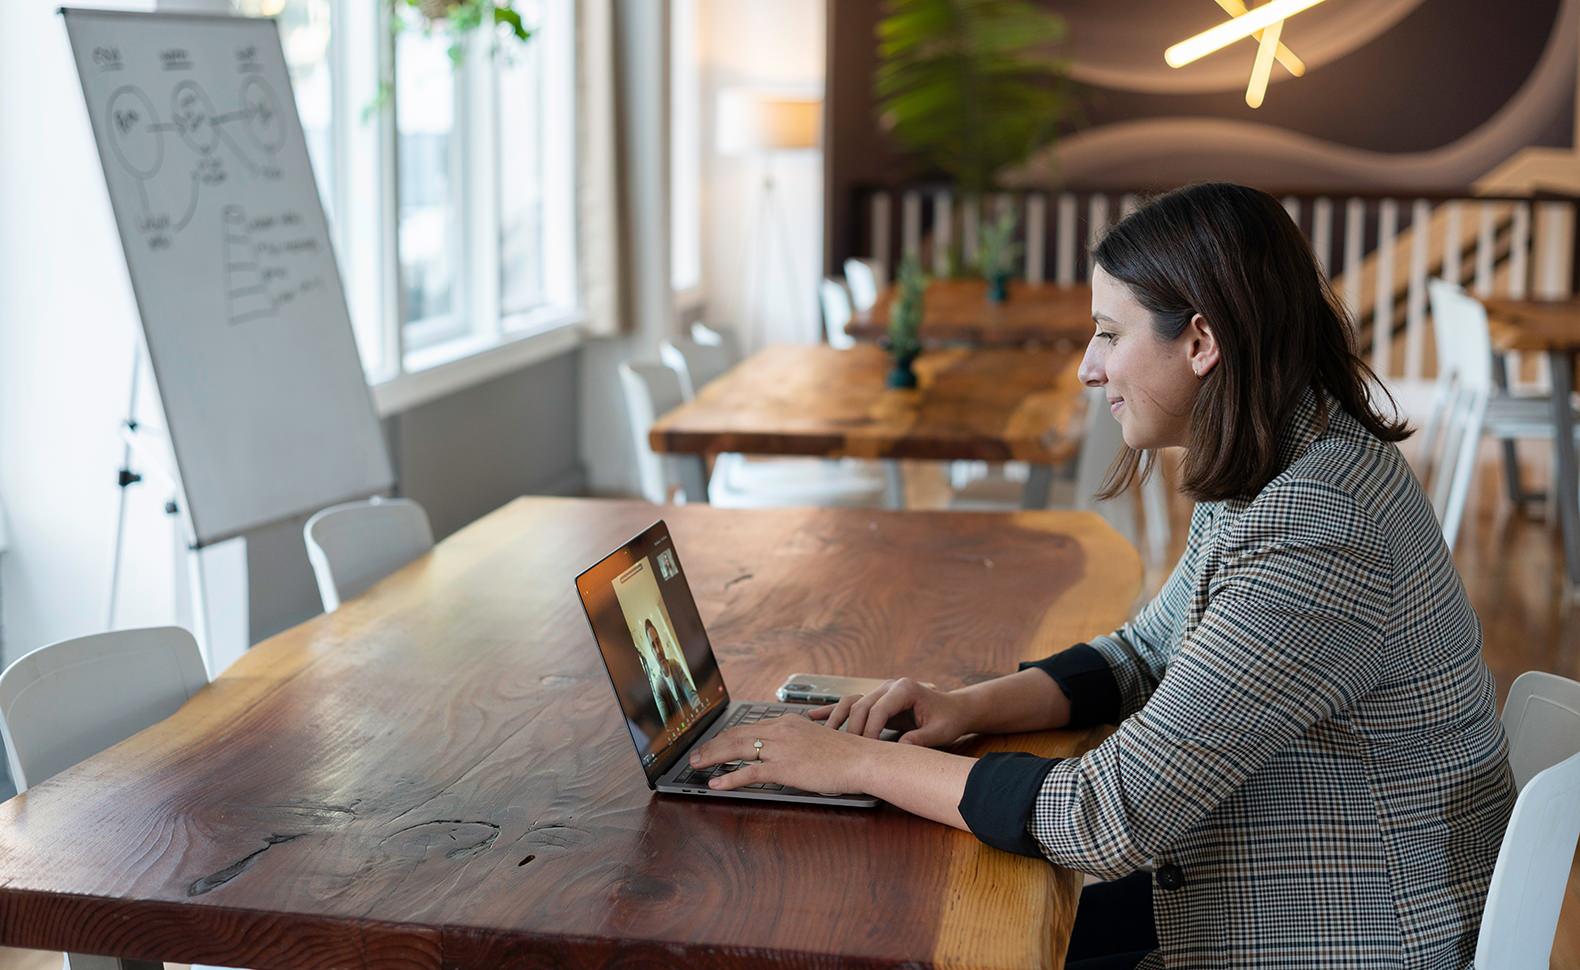 【オンライン商談】不動産のオンライン商談はどんな場面で使われてゆくのか